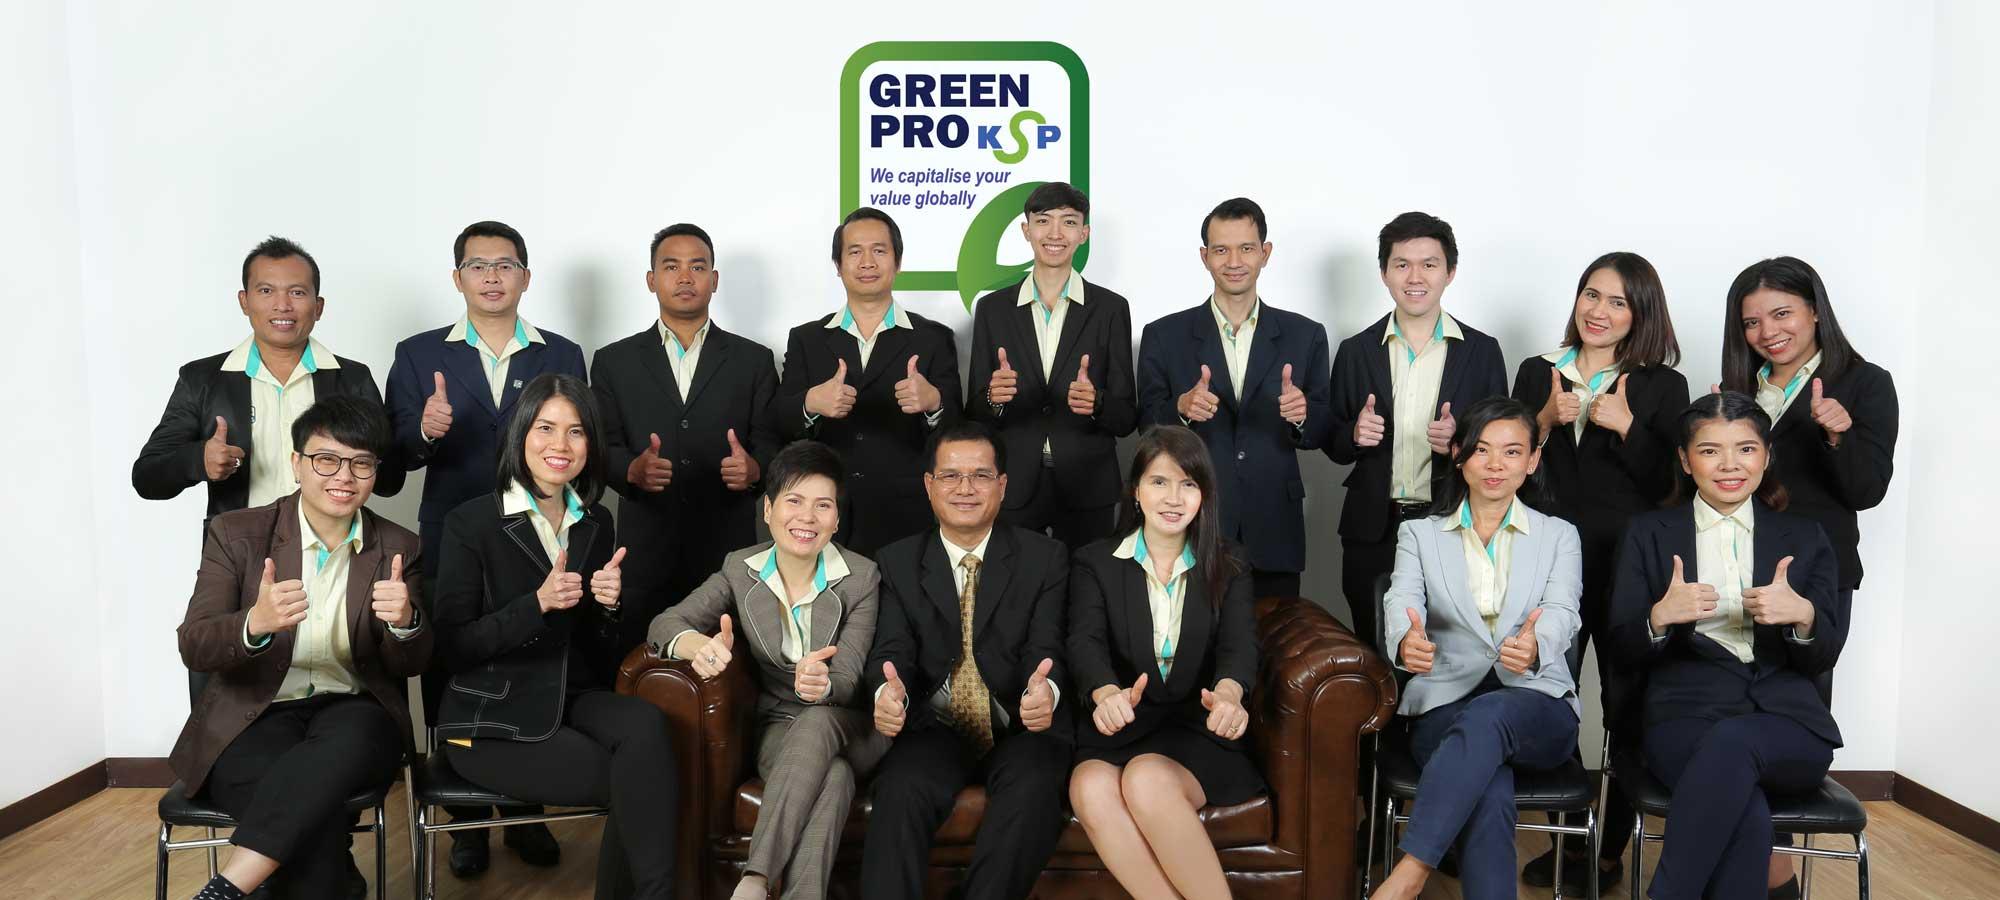 ทีม-Greenpro-KSP-1